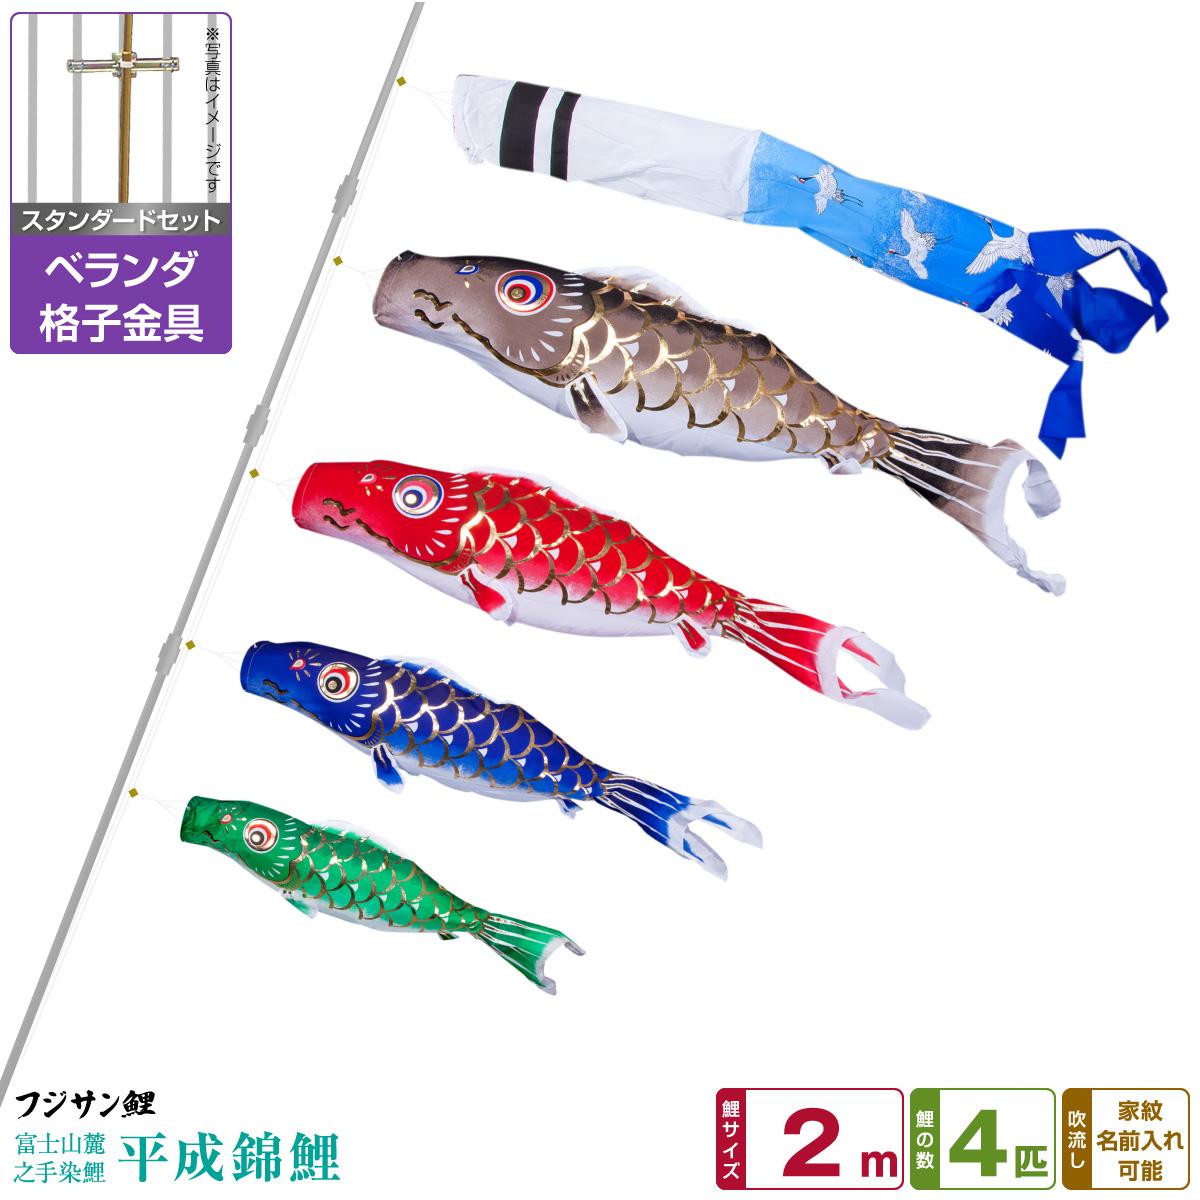 ベランダ用 こいのぼり 鯉のぼり フジサン鯉 平成錦鯉 2m 7点(吹流し+鯉4匹+矢車+ロープ)/スタンダードセット(格子金具)